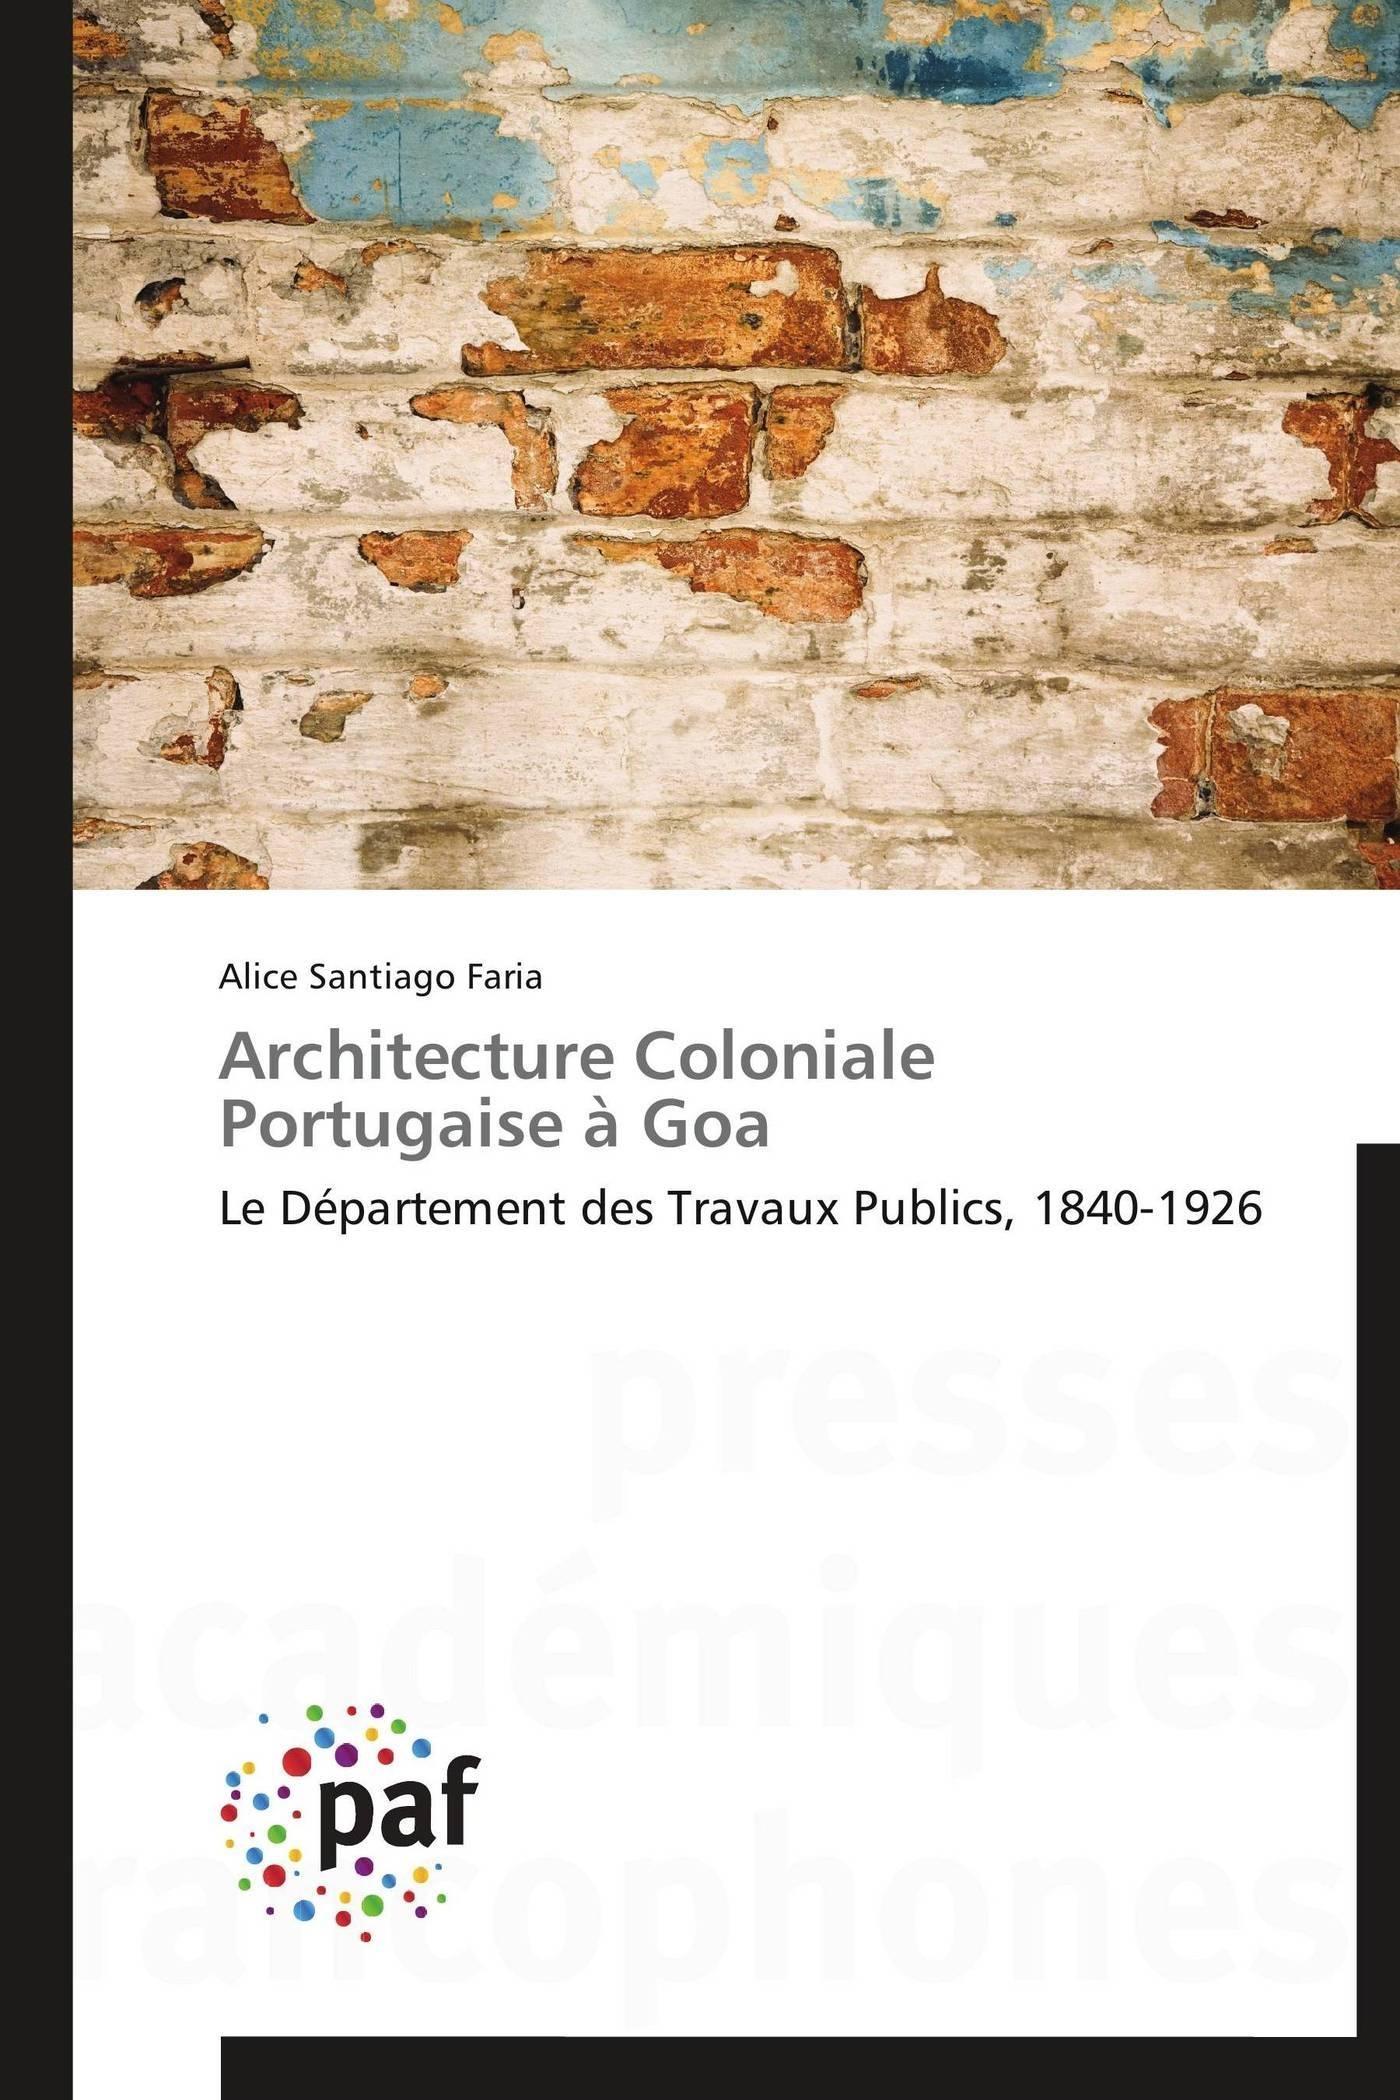 ARCHITECTURE COLONIALE PORTUGAISE A GOA